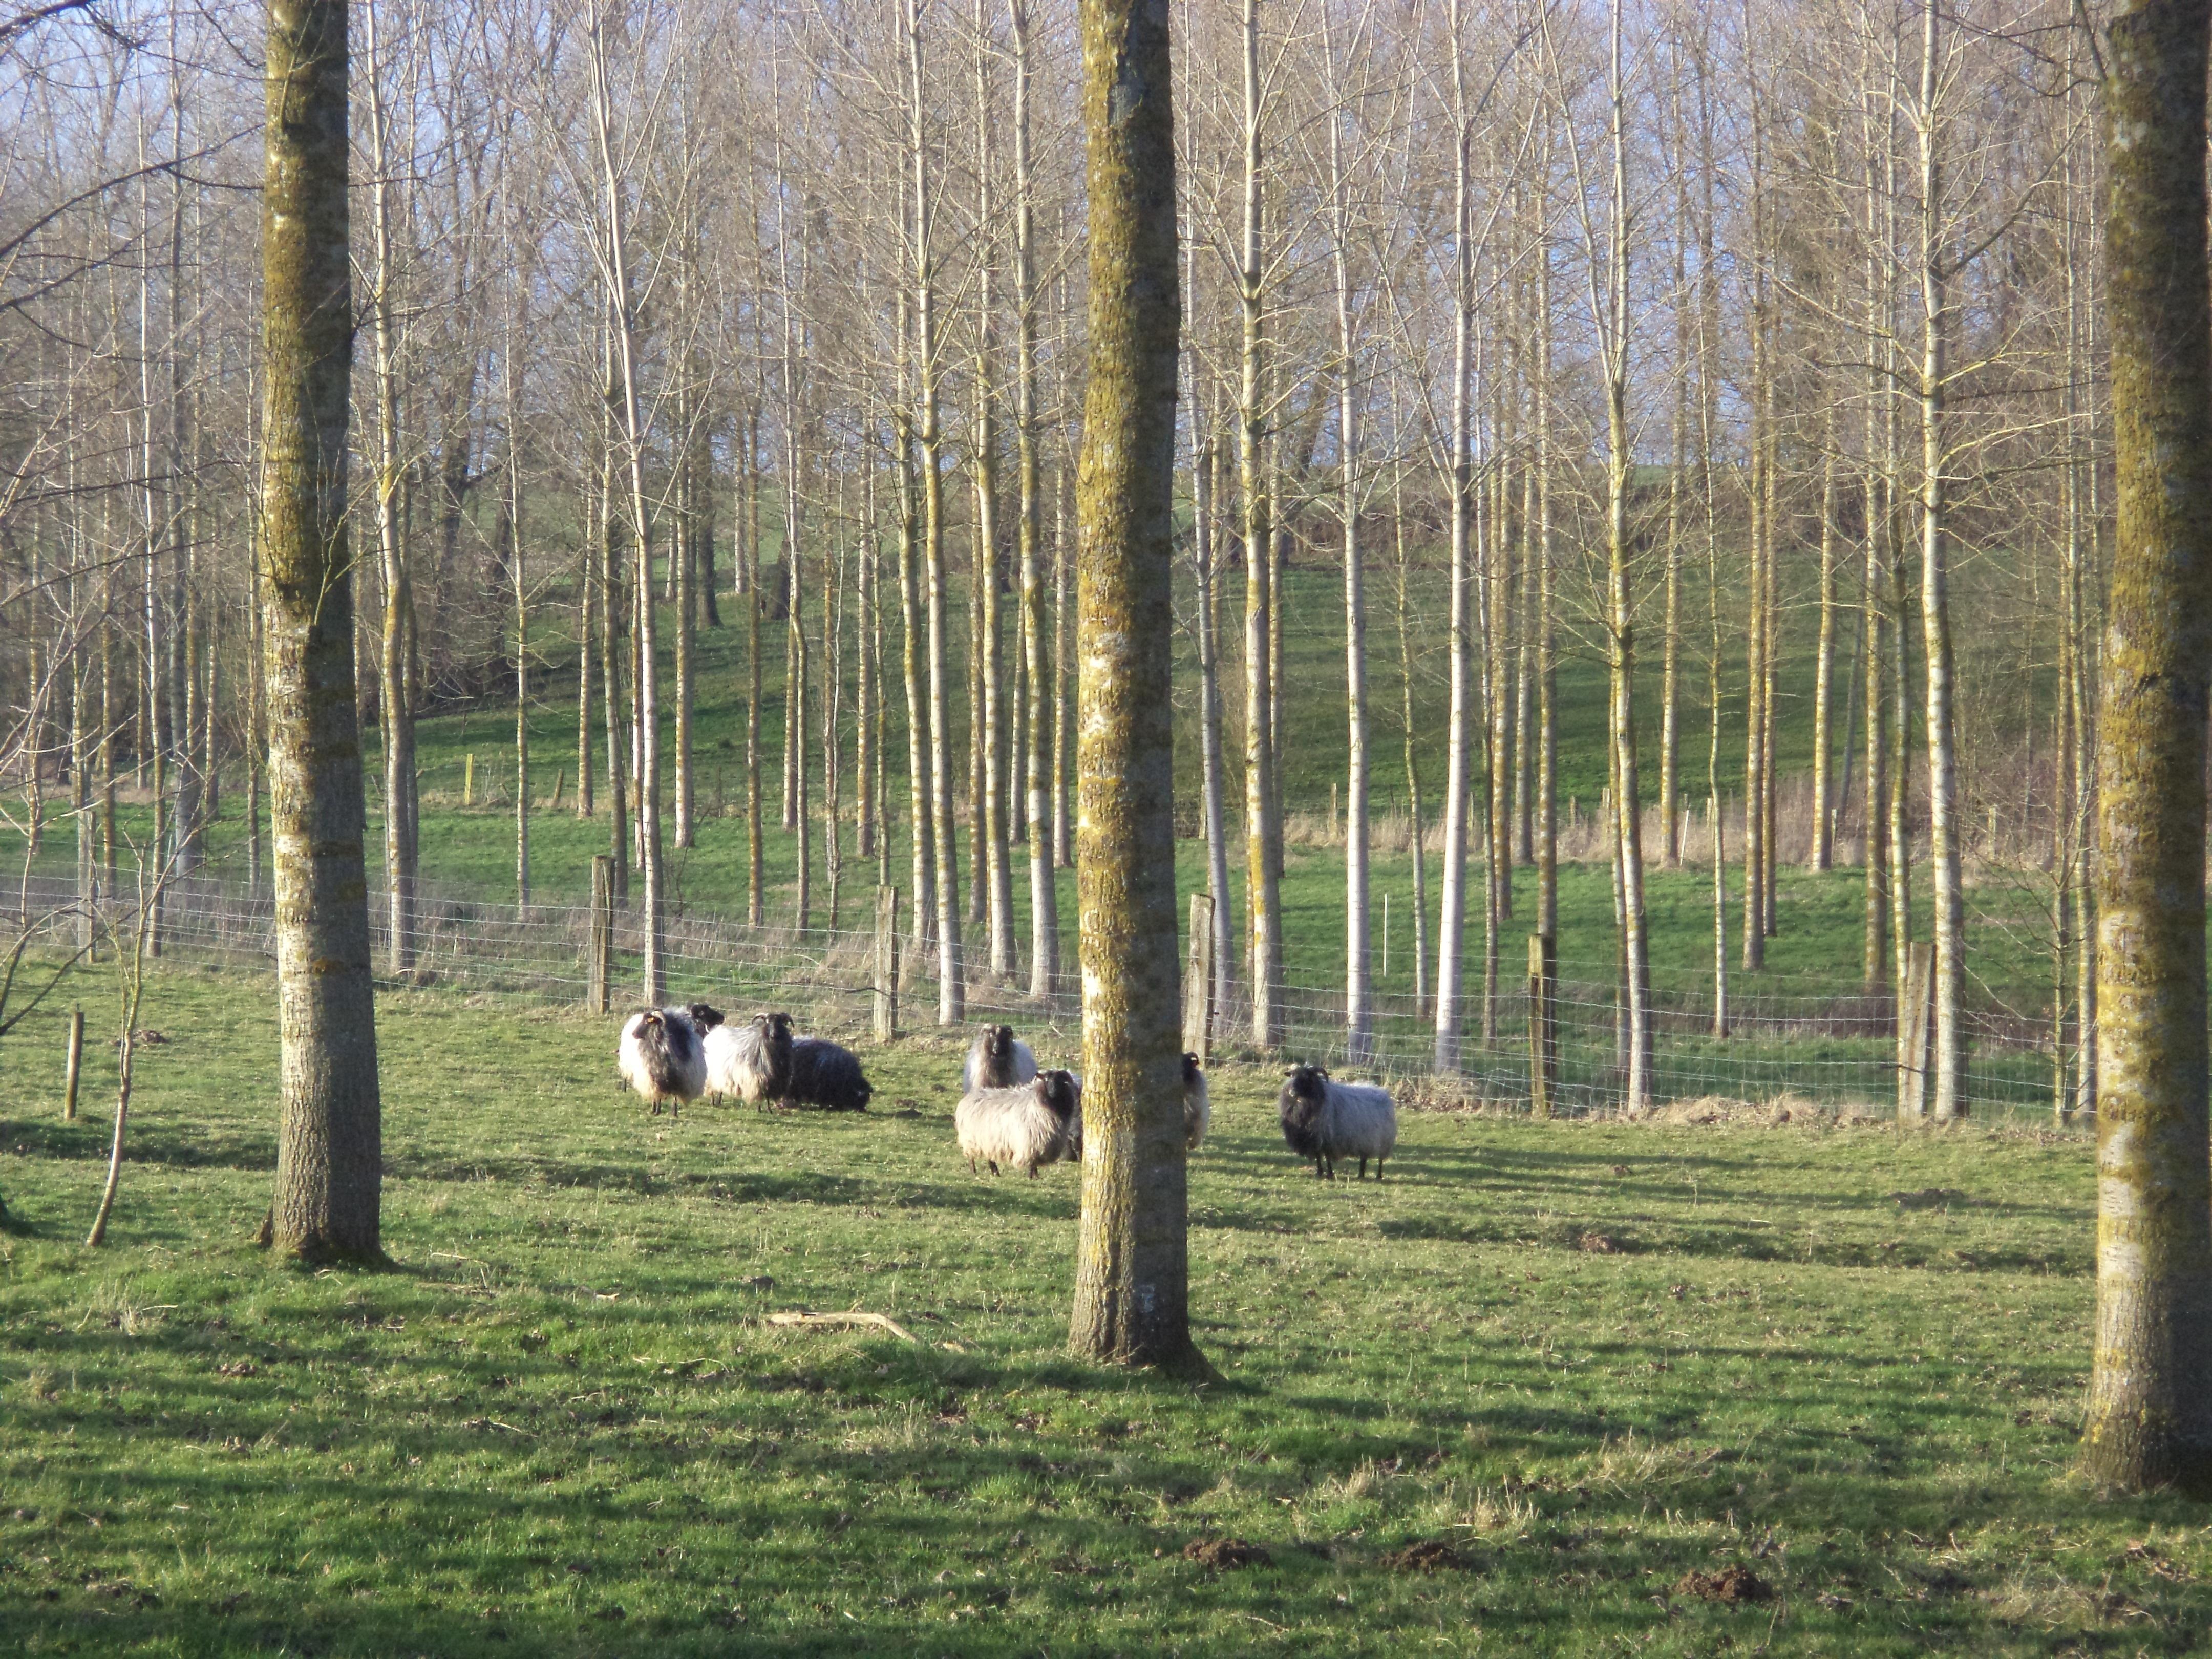 Traditionele landschappen zijn vaak ook een vorm van agroforestry: populierenweides zoals op deze foto, maar ook fruitboomgaarden, houtkanten, knotwilgenrijen, ...